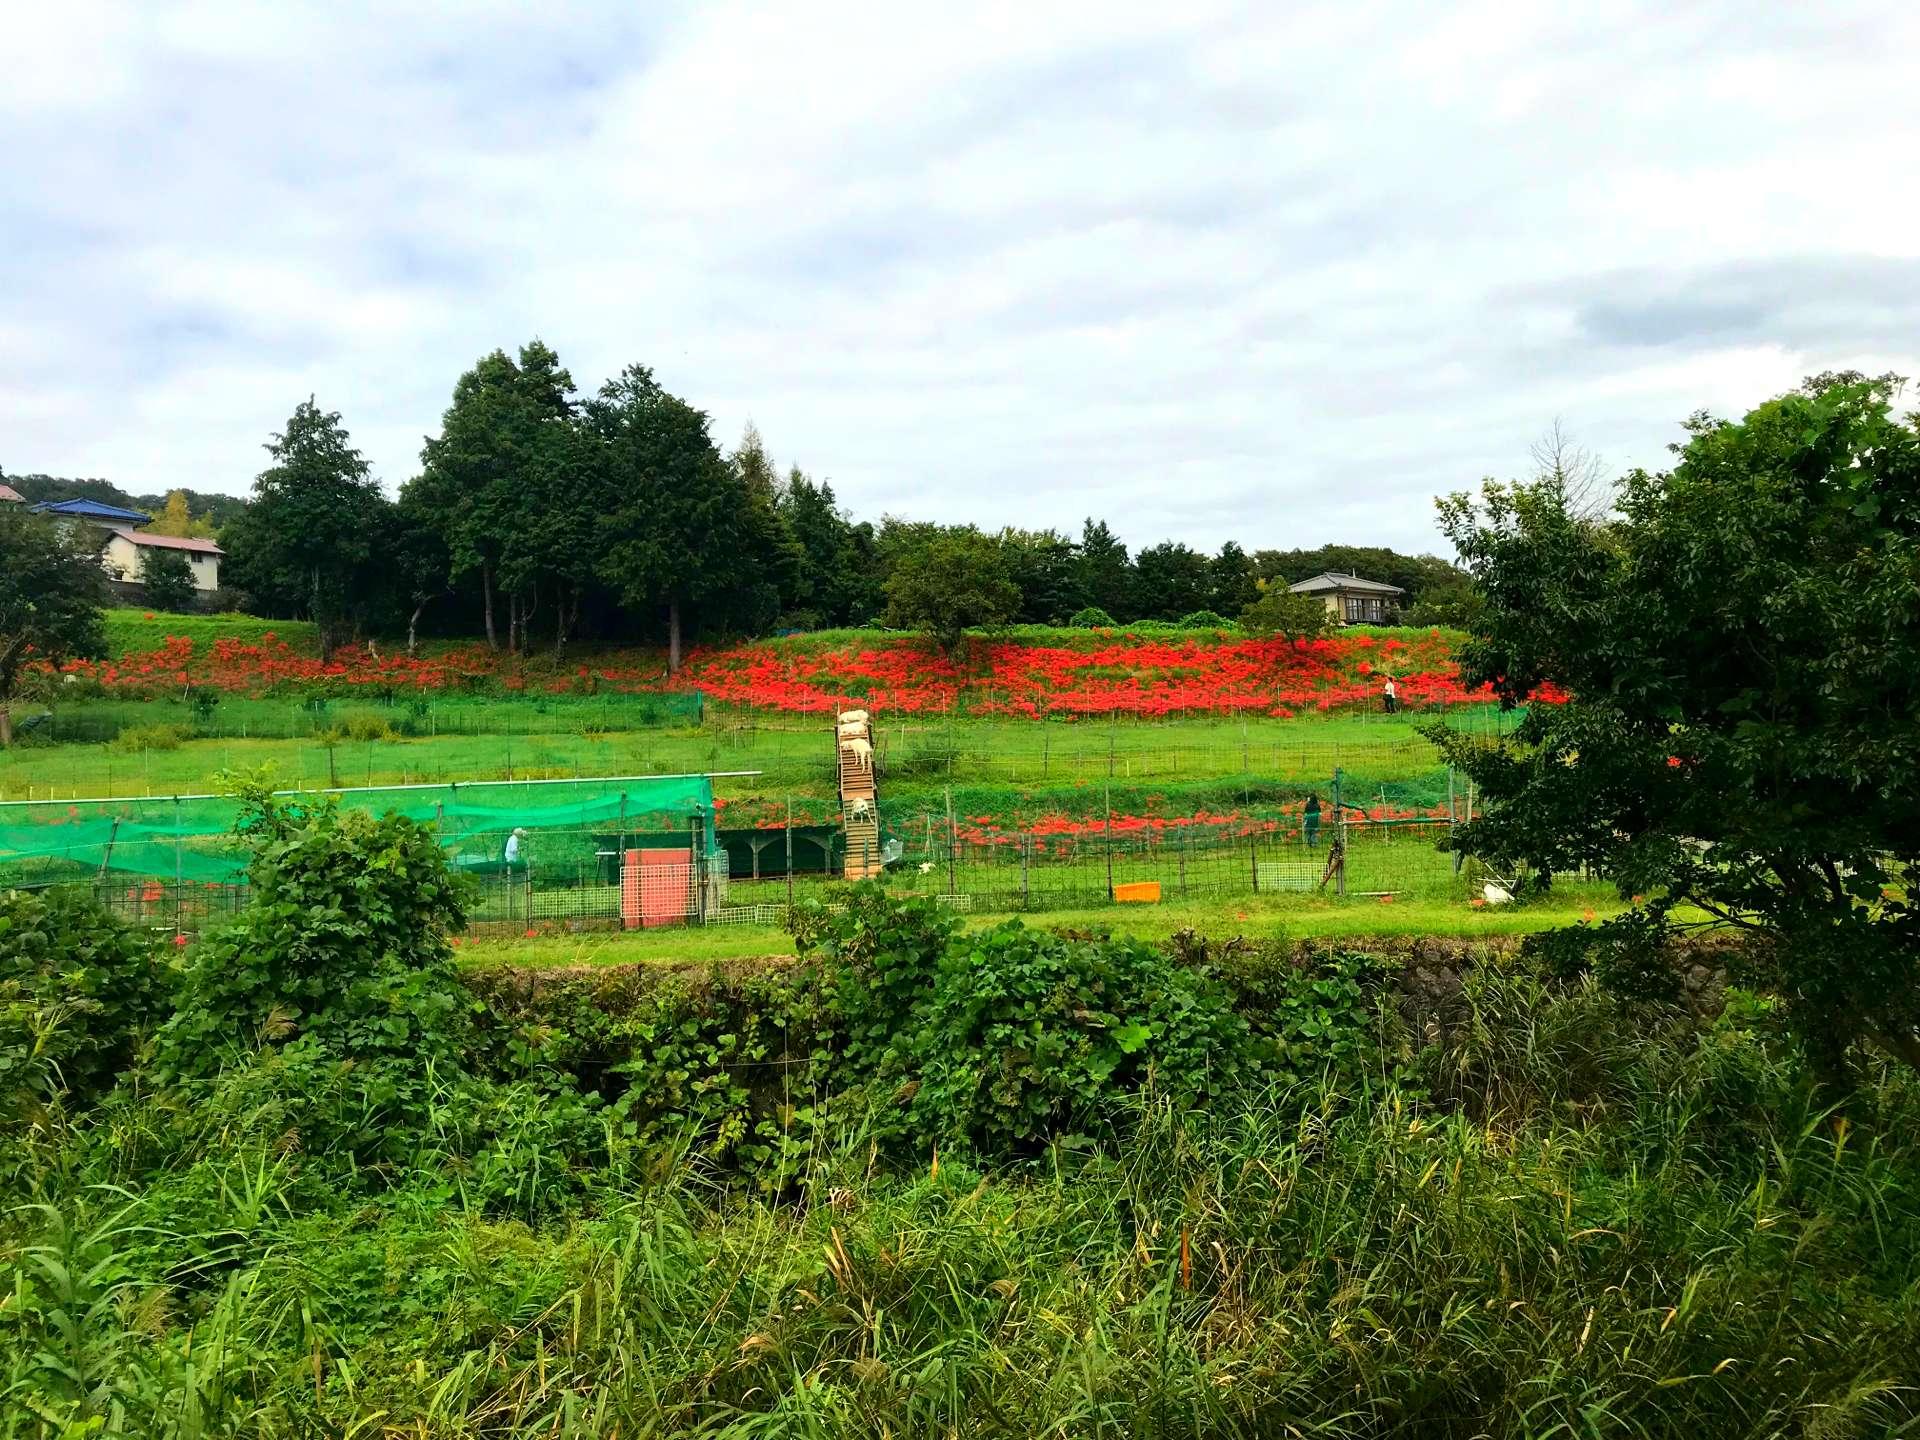 彼岸花赤红热情的色彩与静谧恬静的农村景色交织相融